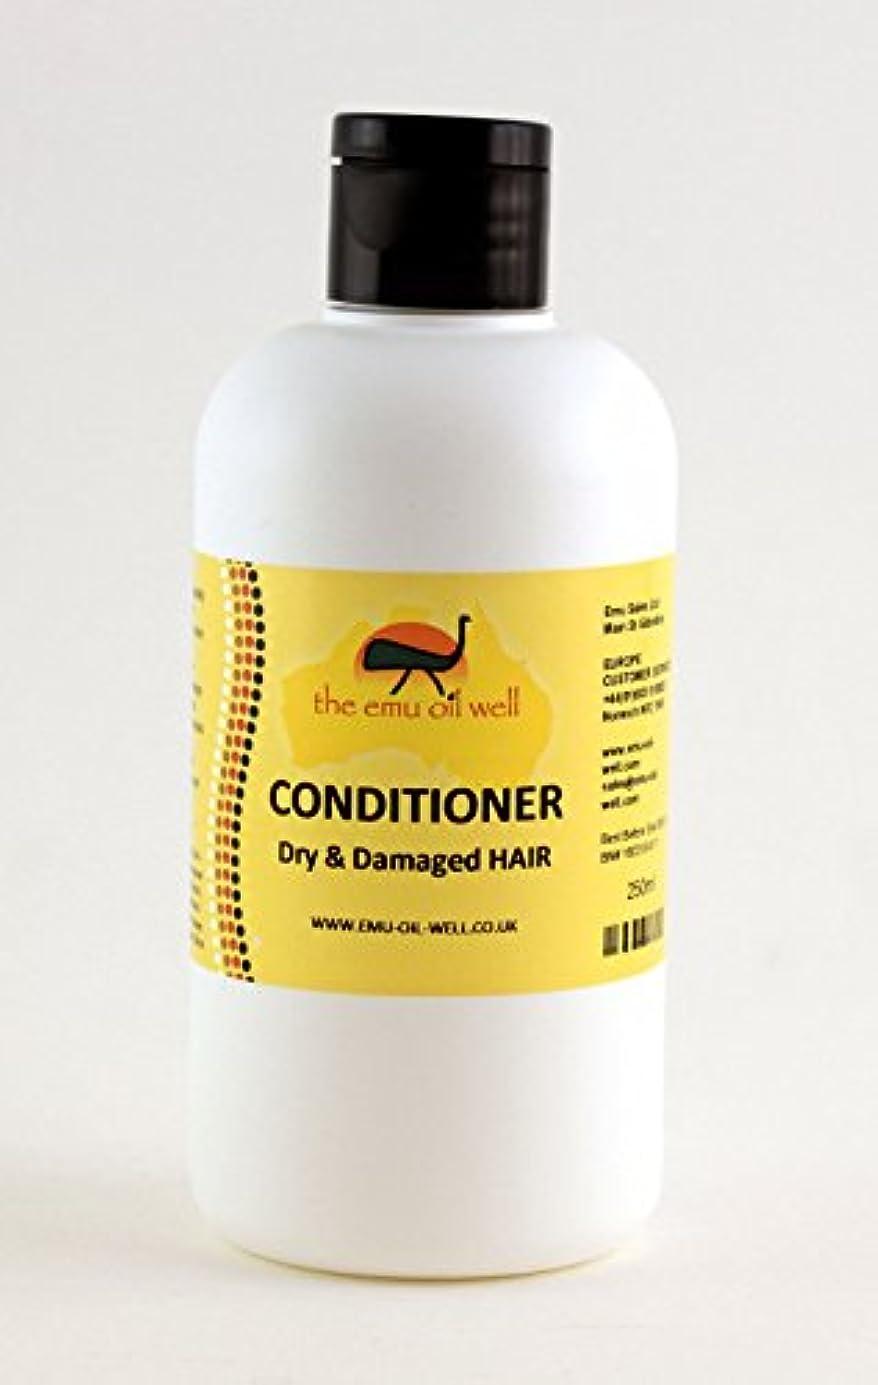 カテゴリー硫黄半ばエミューオイル250ミリリットル、NATURALおよび再水和とドライ&ダメージヘアコンディショナー Australian Emu oil